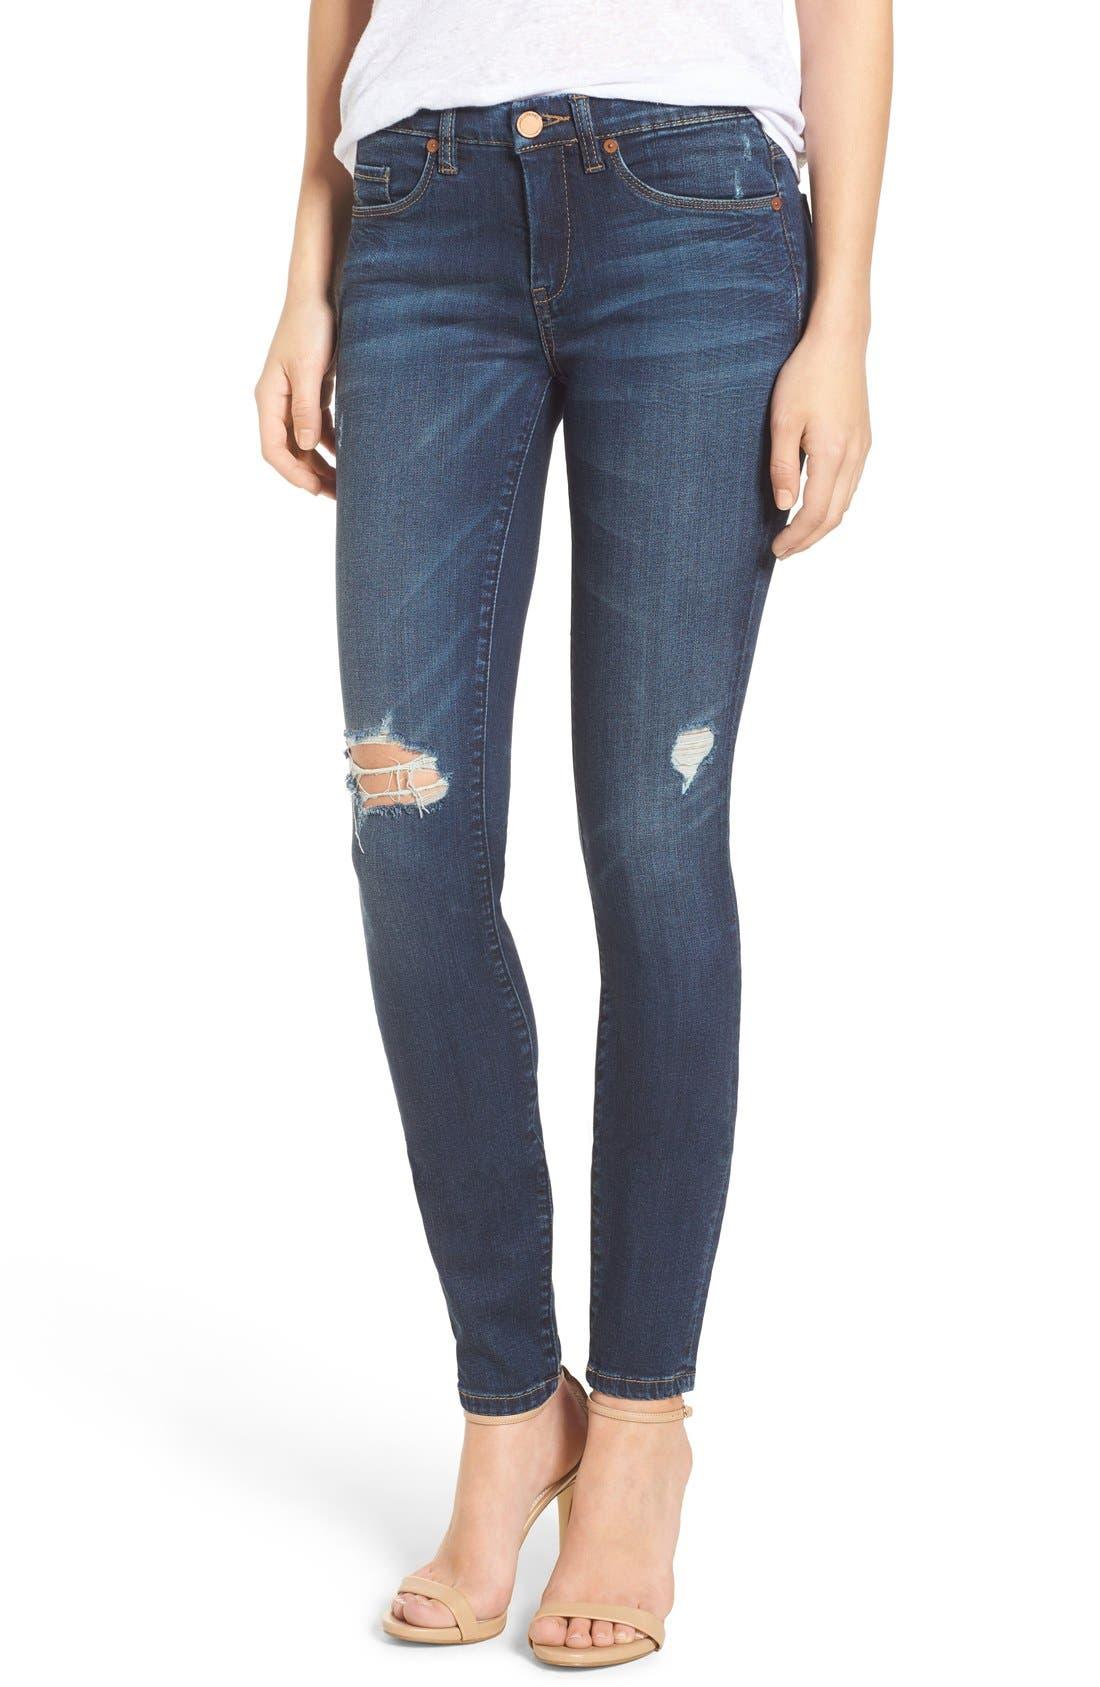 Main Image - BLANKNYC Distressed Skinny Jeans (Junk Drawers)